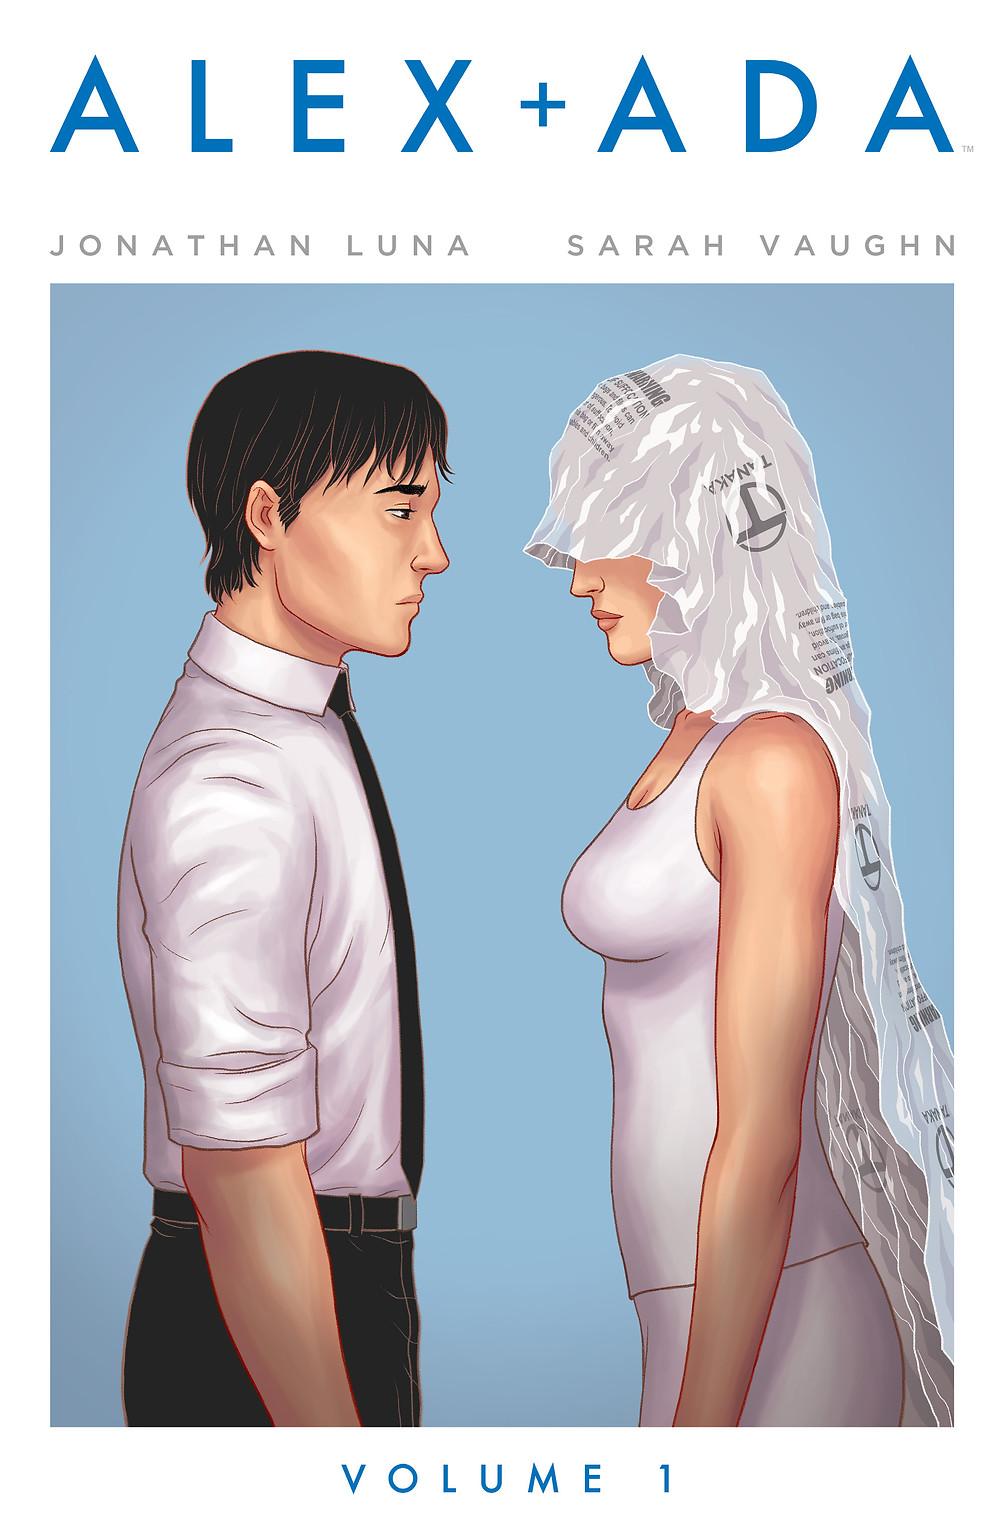 Alex + Ada, Vol. 1 (tpb), cover, Image Comics, Luna/Vaughn